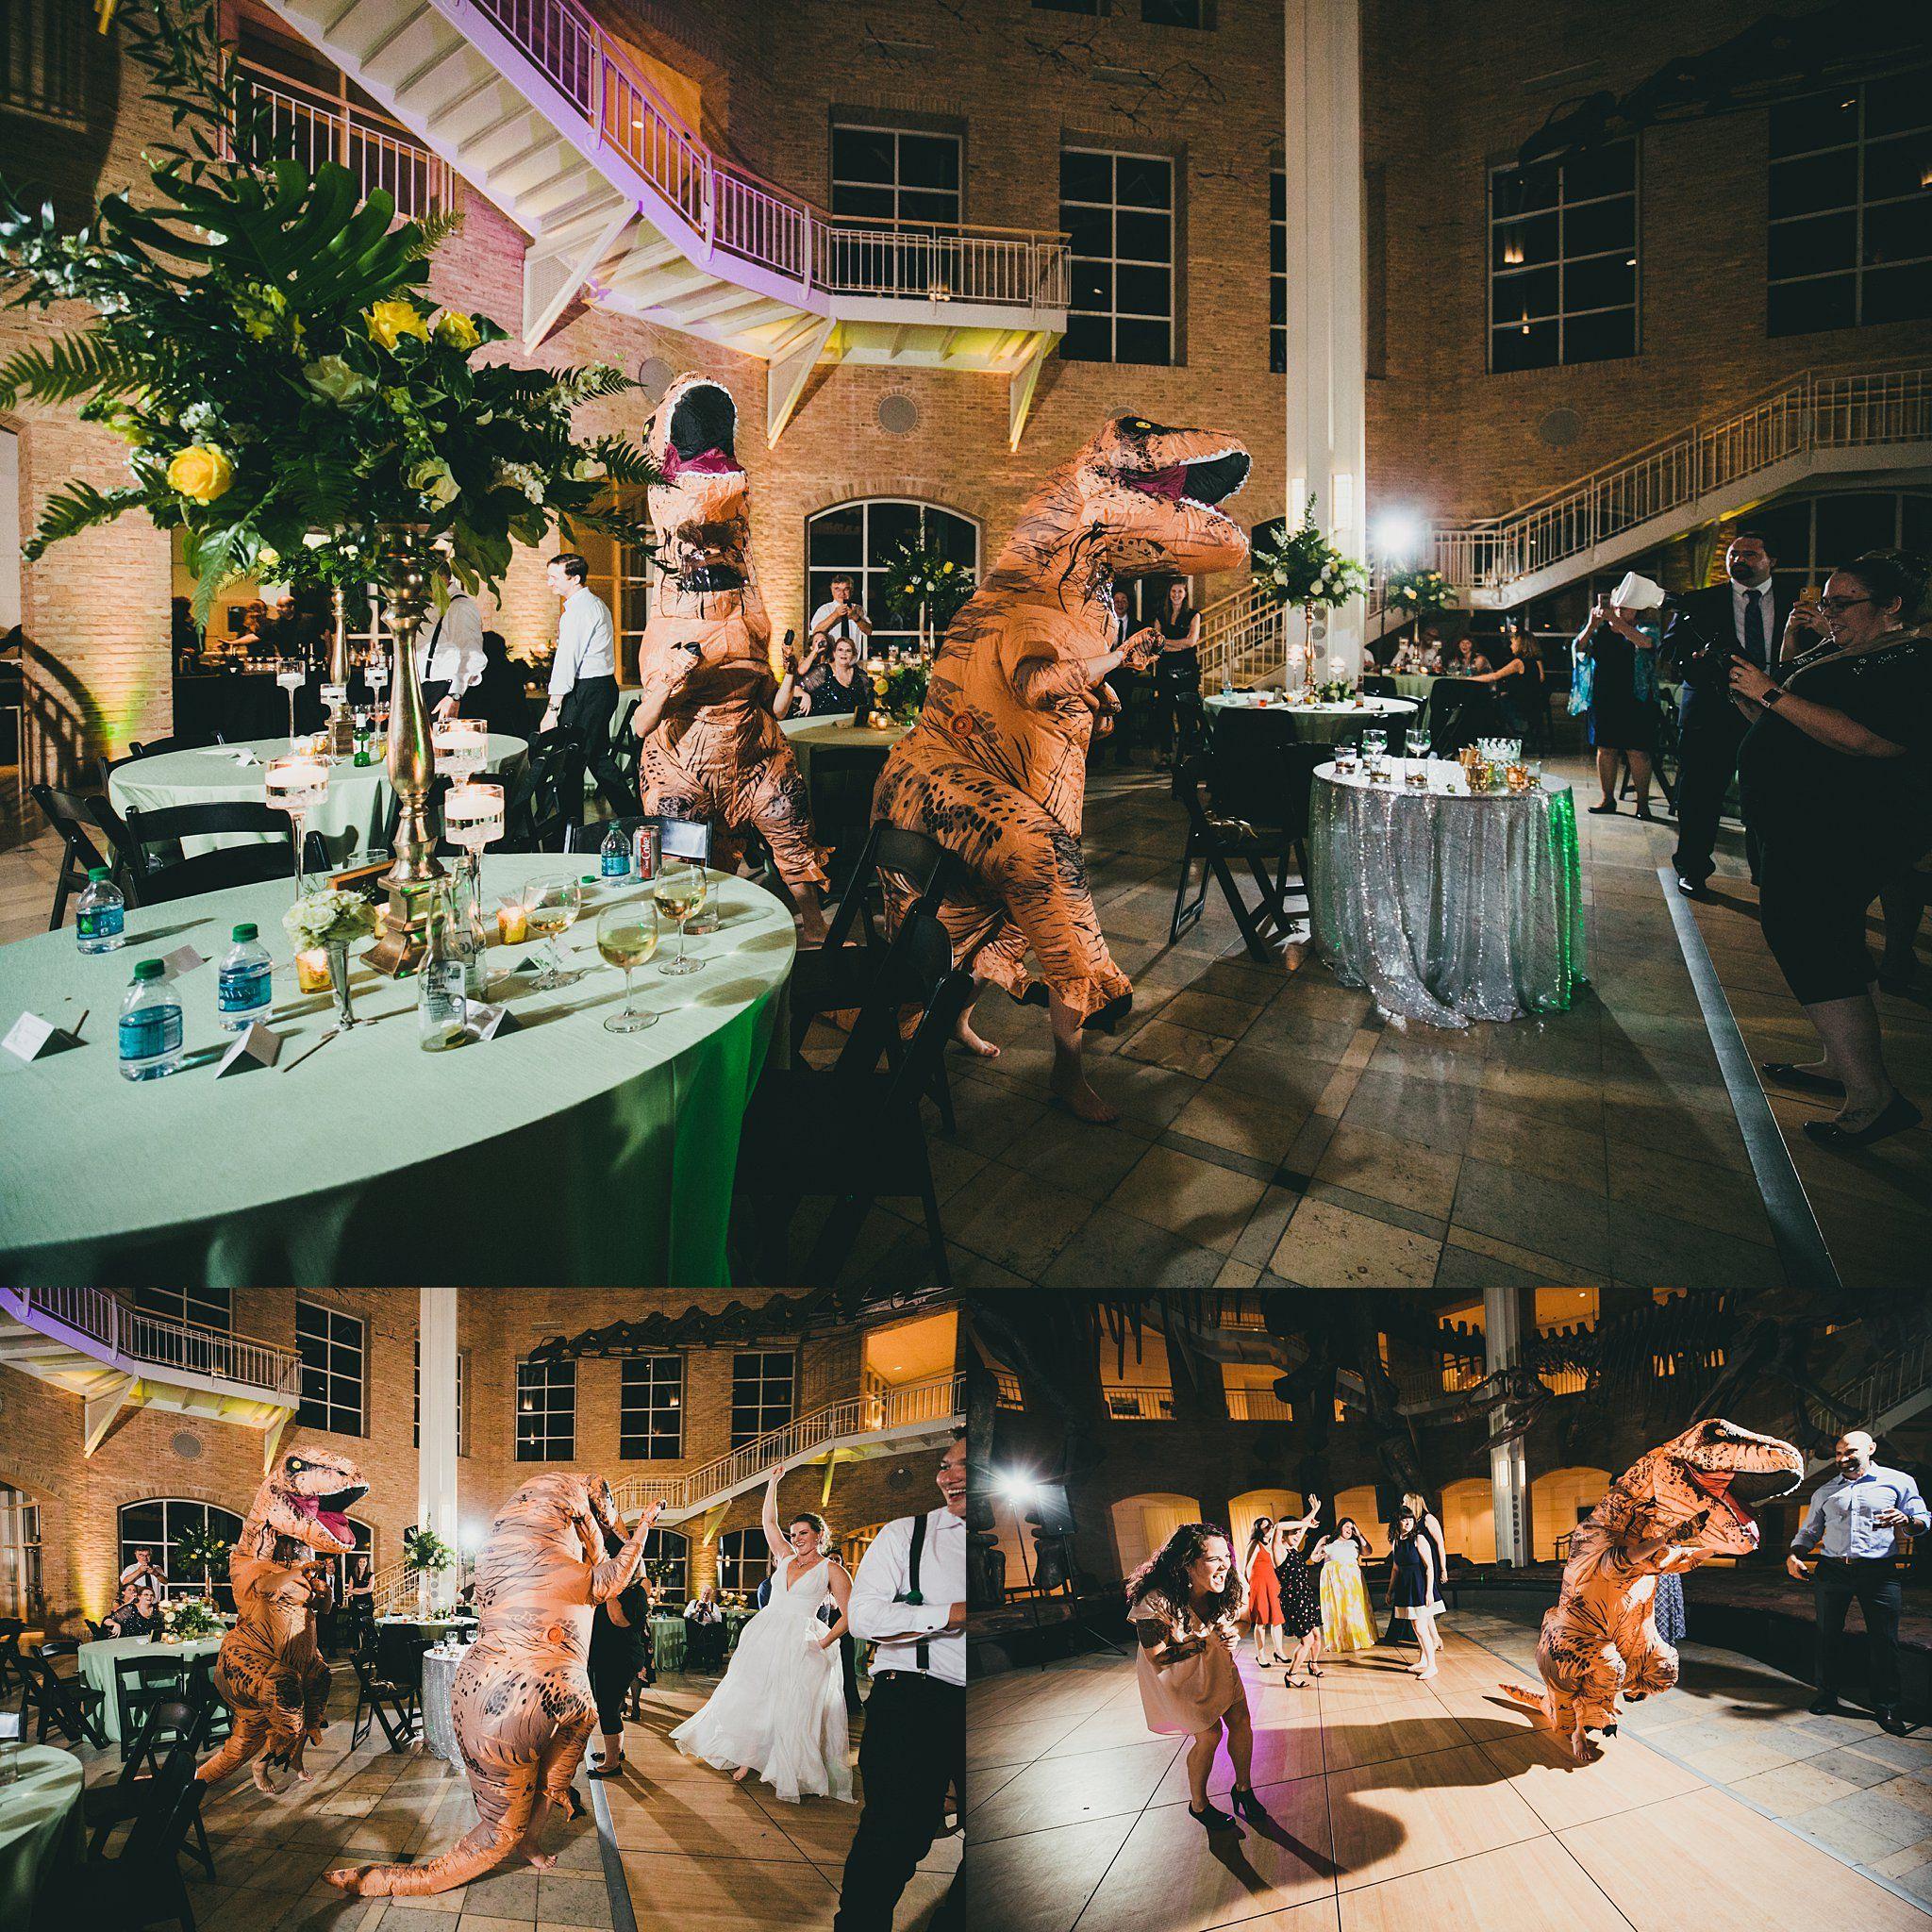 Atlanta Wedding Reception Dancing With Trex In 2020 Atlanta Wedding Photographer Atlanta Wedding Atlanta Wedding Reception